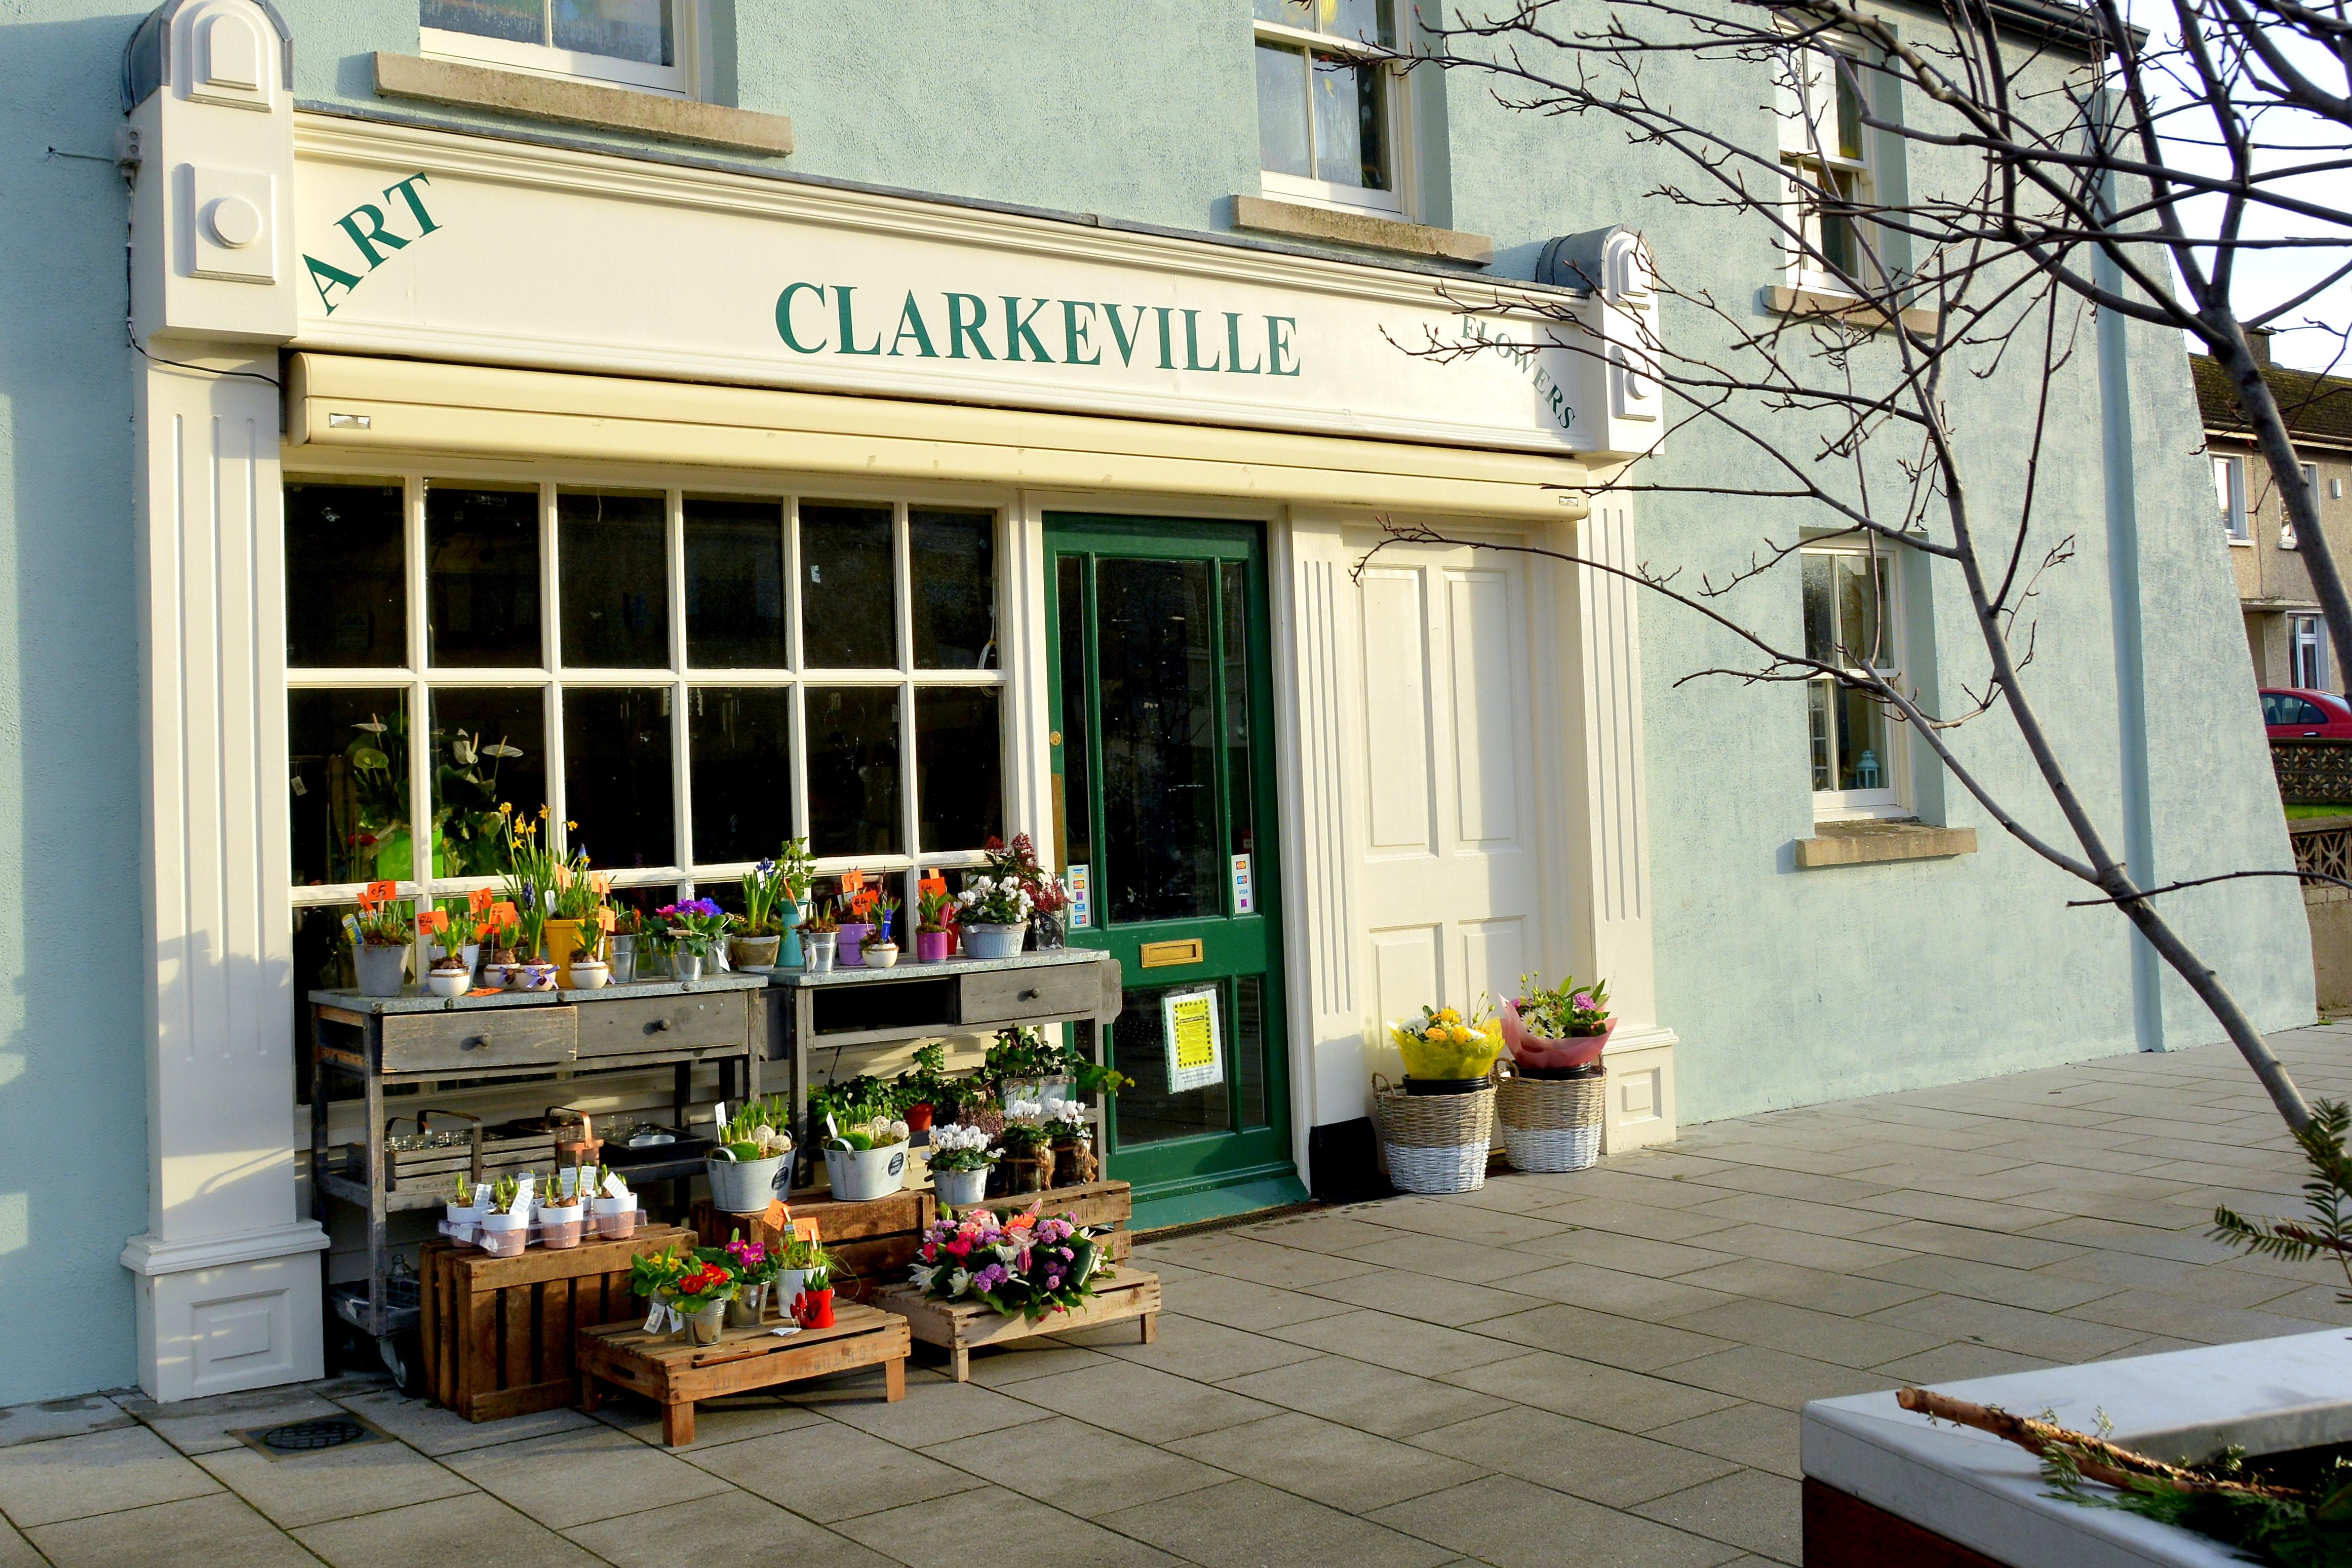 Clarkeville-Palmerstown